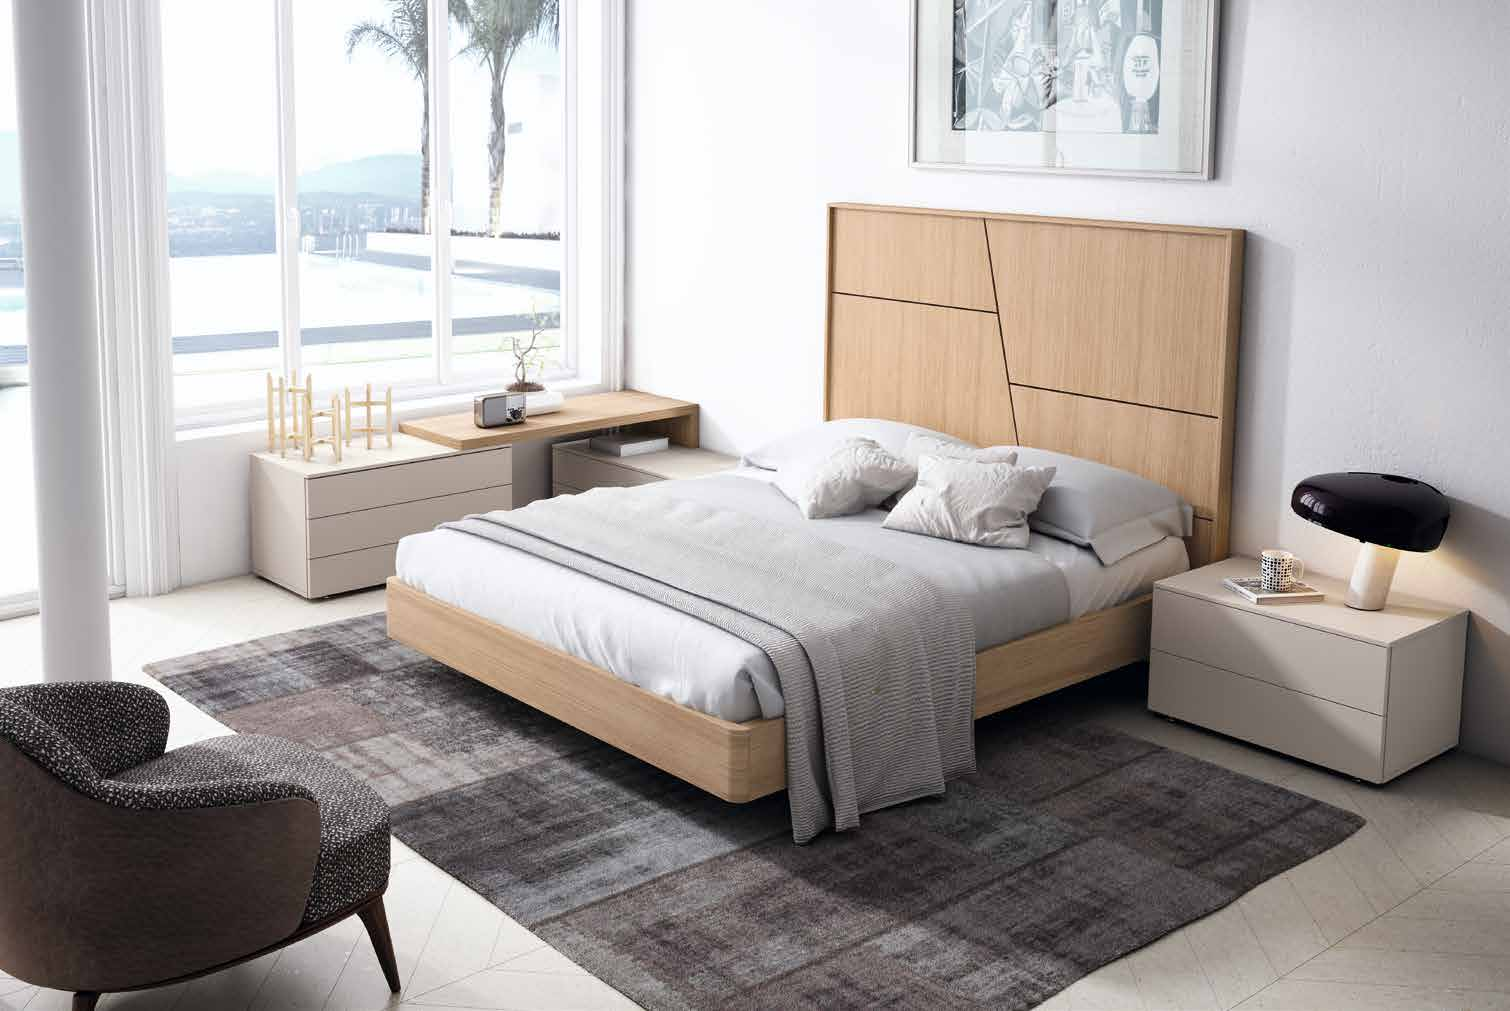 moderno-1-Grafica-muebles-paco-caballero-720-5c93e03ab5ff8